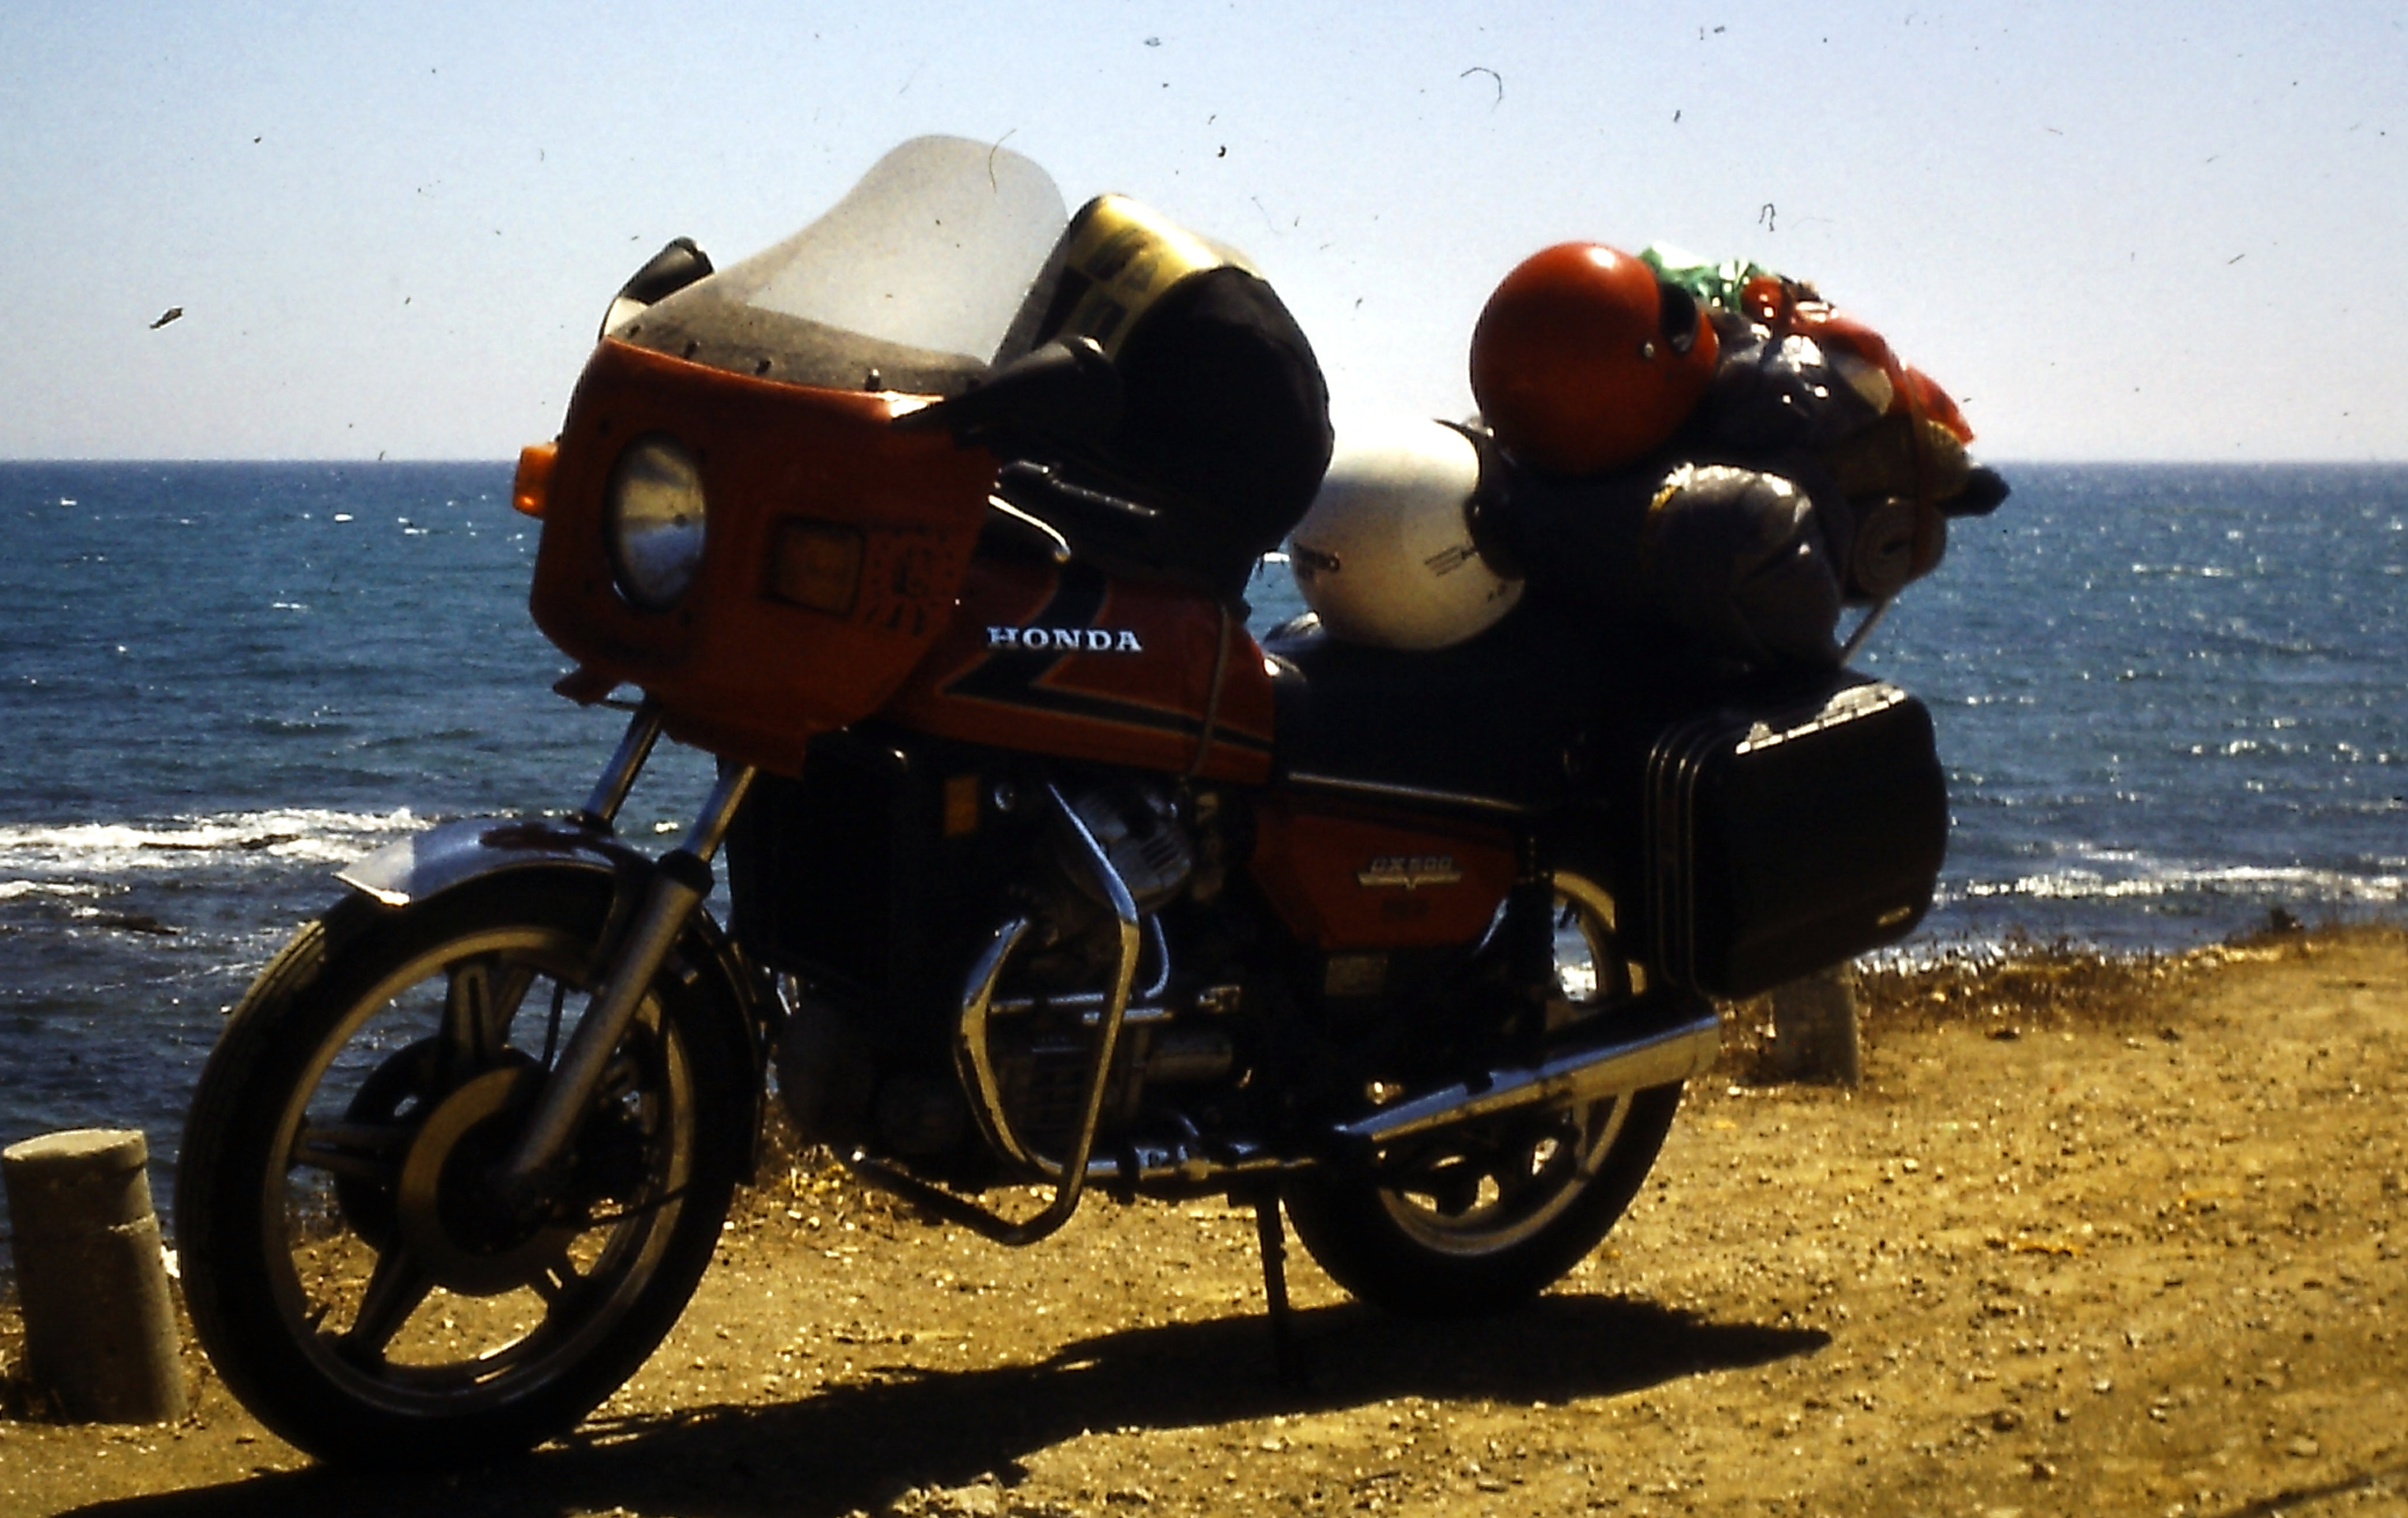 Mit unseren Motorrädern in Marokko - Honda CX 500